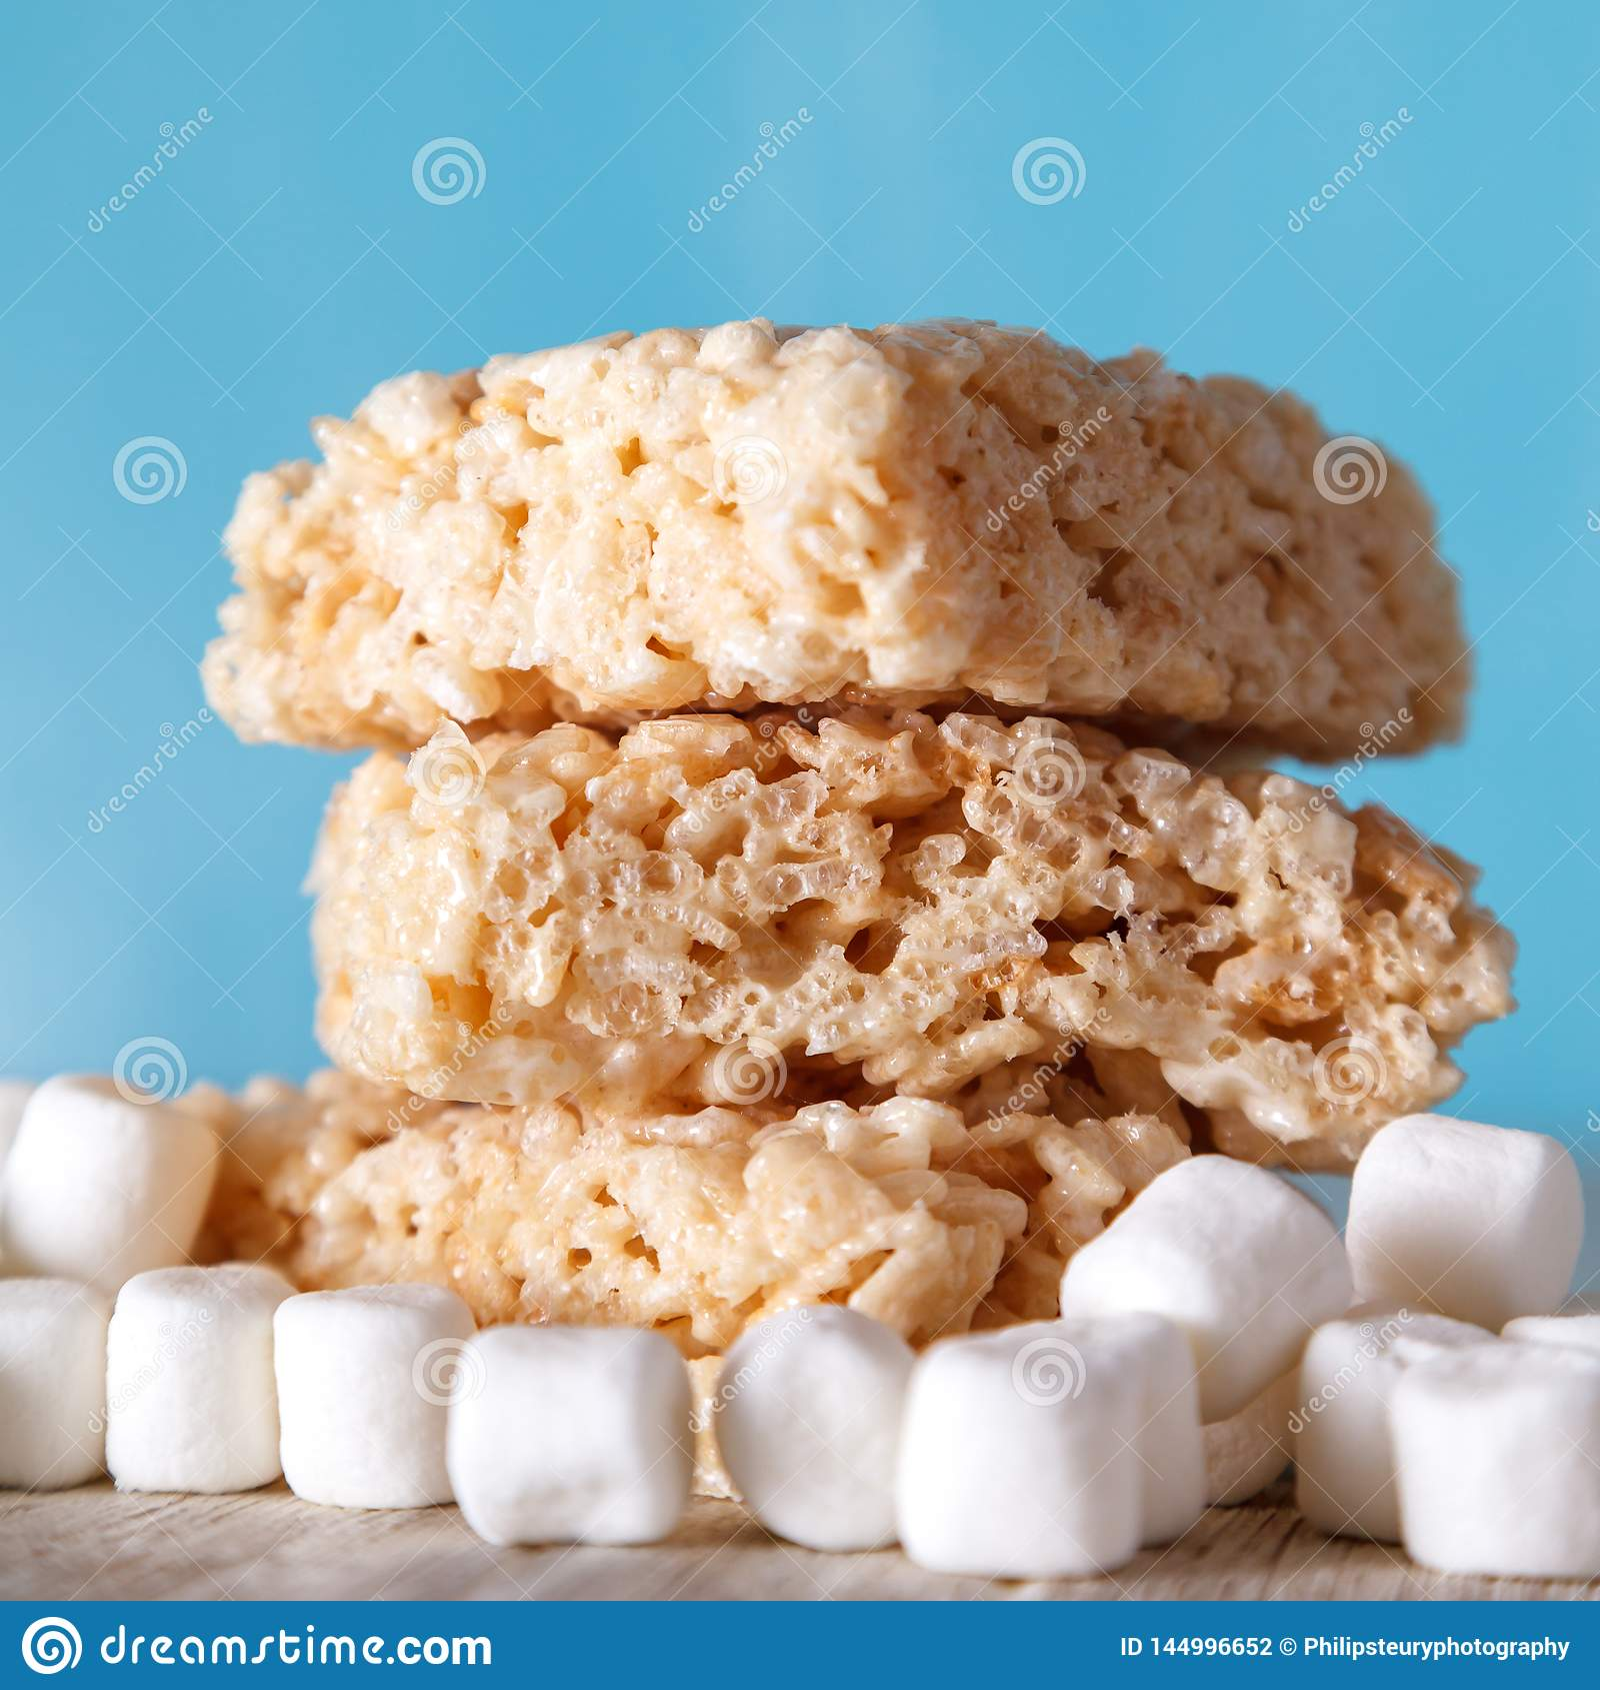 米酥脆款待用蛋白软糖